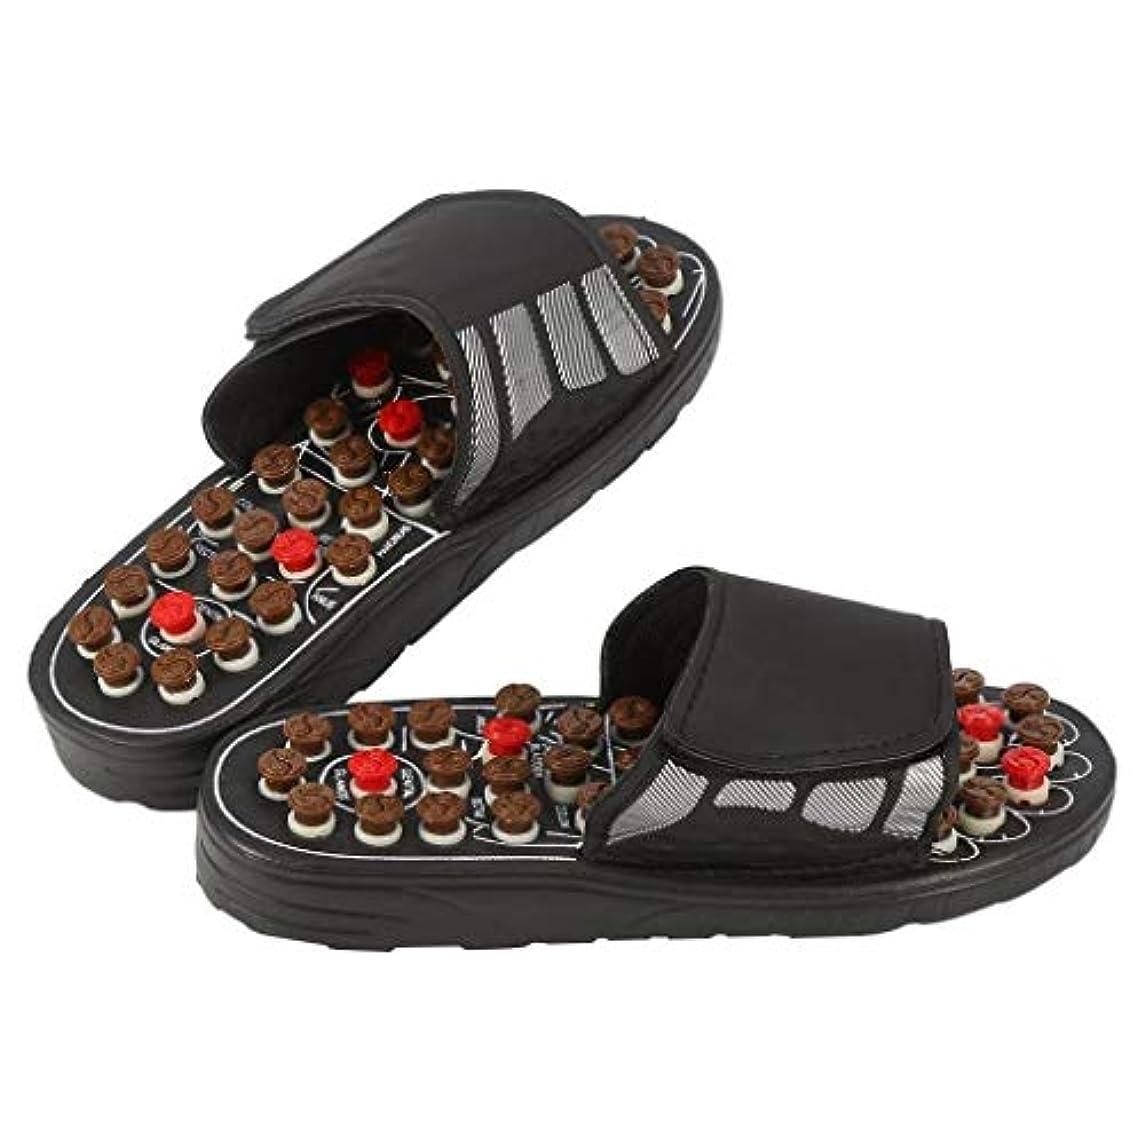 ワイヤー捨てるバック磁気マッサージインソール、指圧靴マッサージ効果インソール健康足医療援助足リフレクソロジーは、血液循環疲労を促進します (Color : 黒, Size : 40-41)